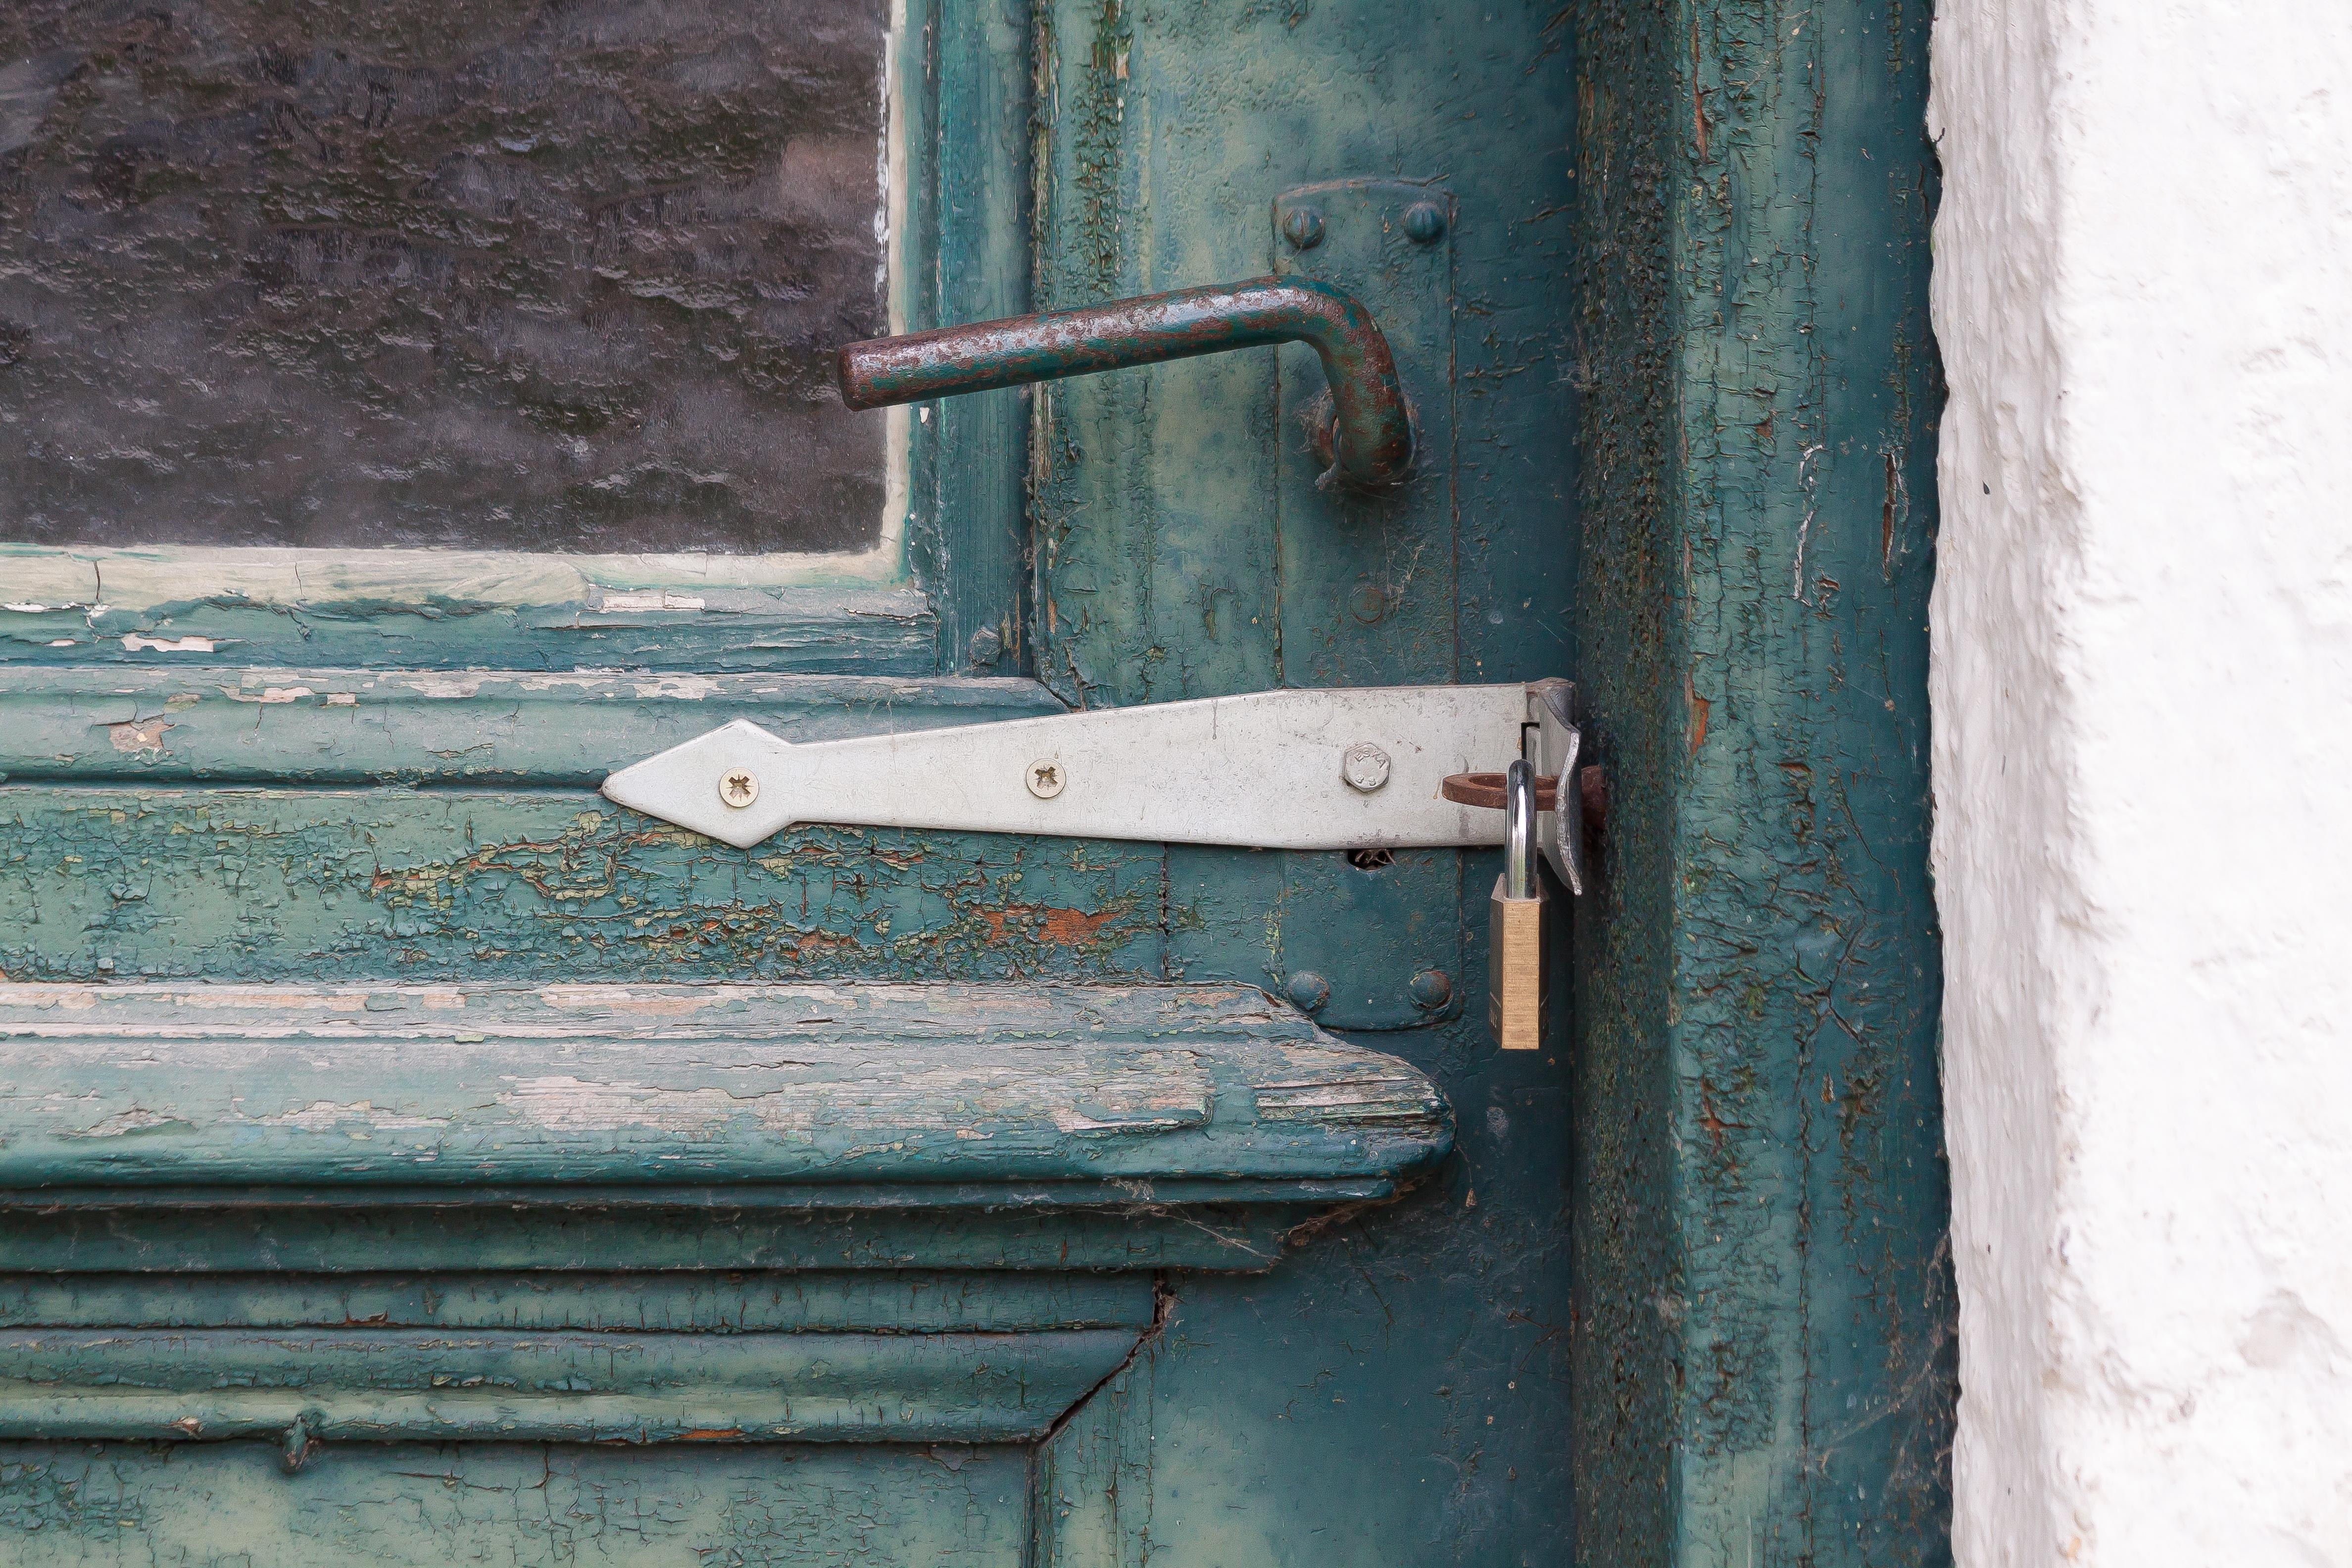 Kostenlose Foto Die Architektur Fenster Glas Gebäude: Kostenlose Foto : Die Architektur, Holz, Antiquität